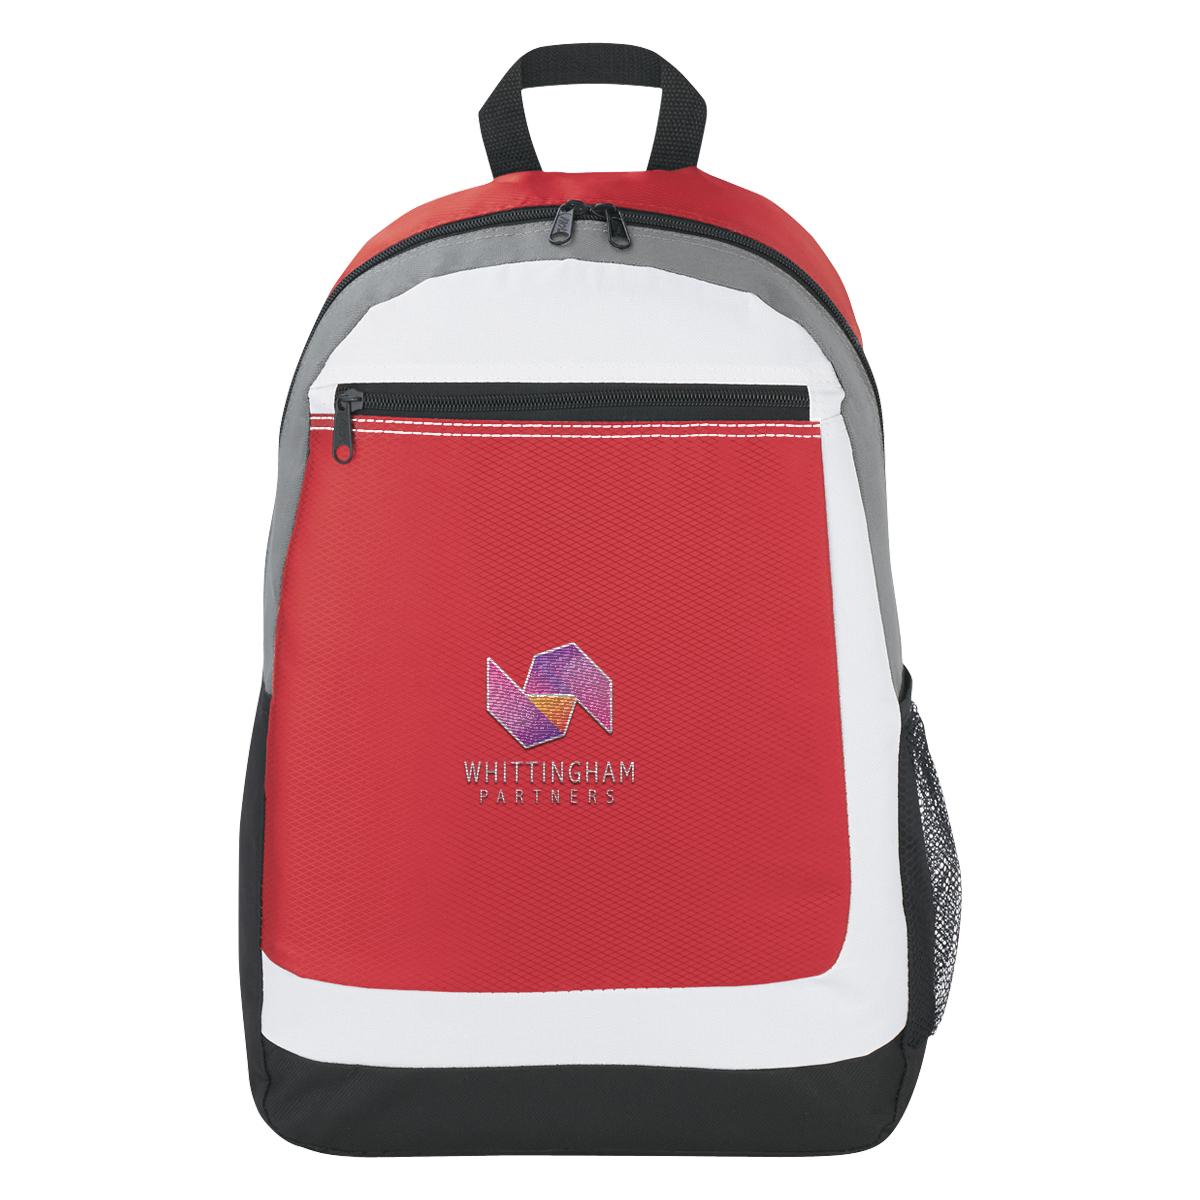 3407 - Backpack